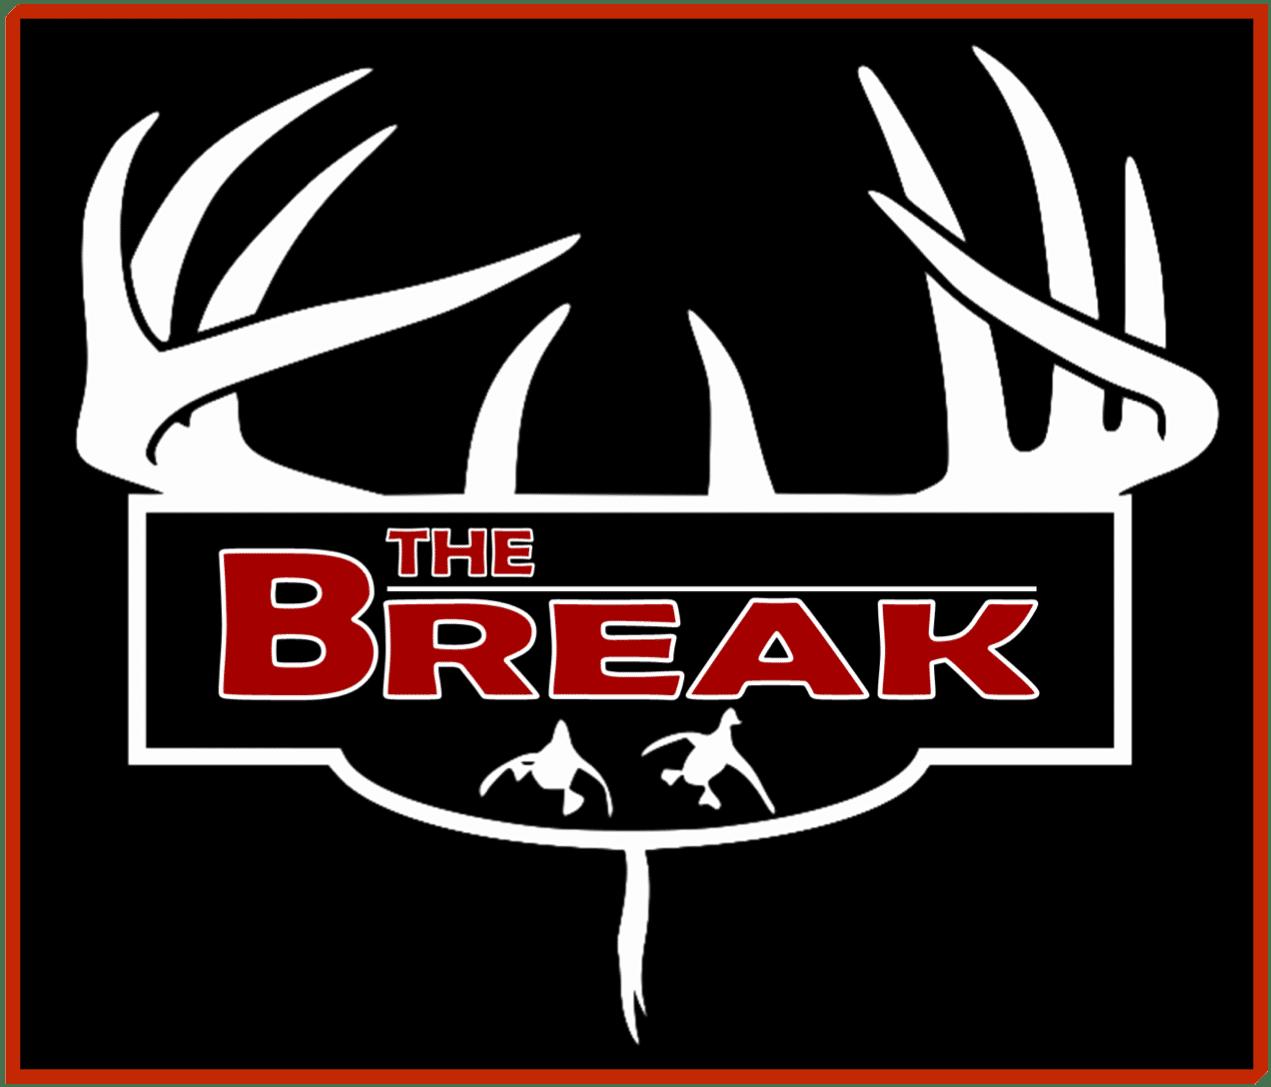 https://i2.wp.com/banksoutdoors.com/wp-content/uploads/2017/08/The-Break-framed-logo-big.png?ssl=1